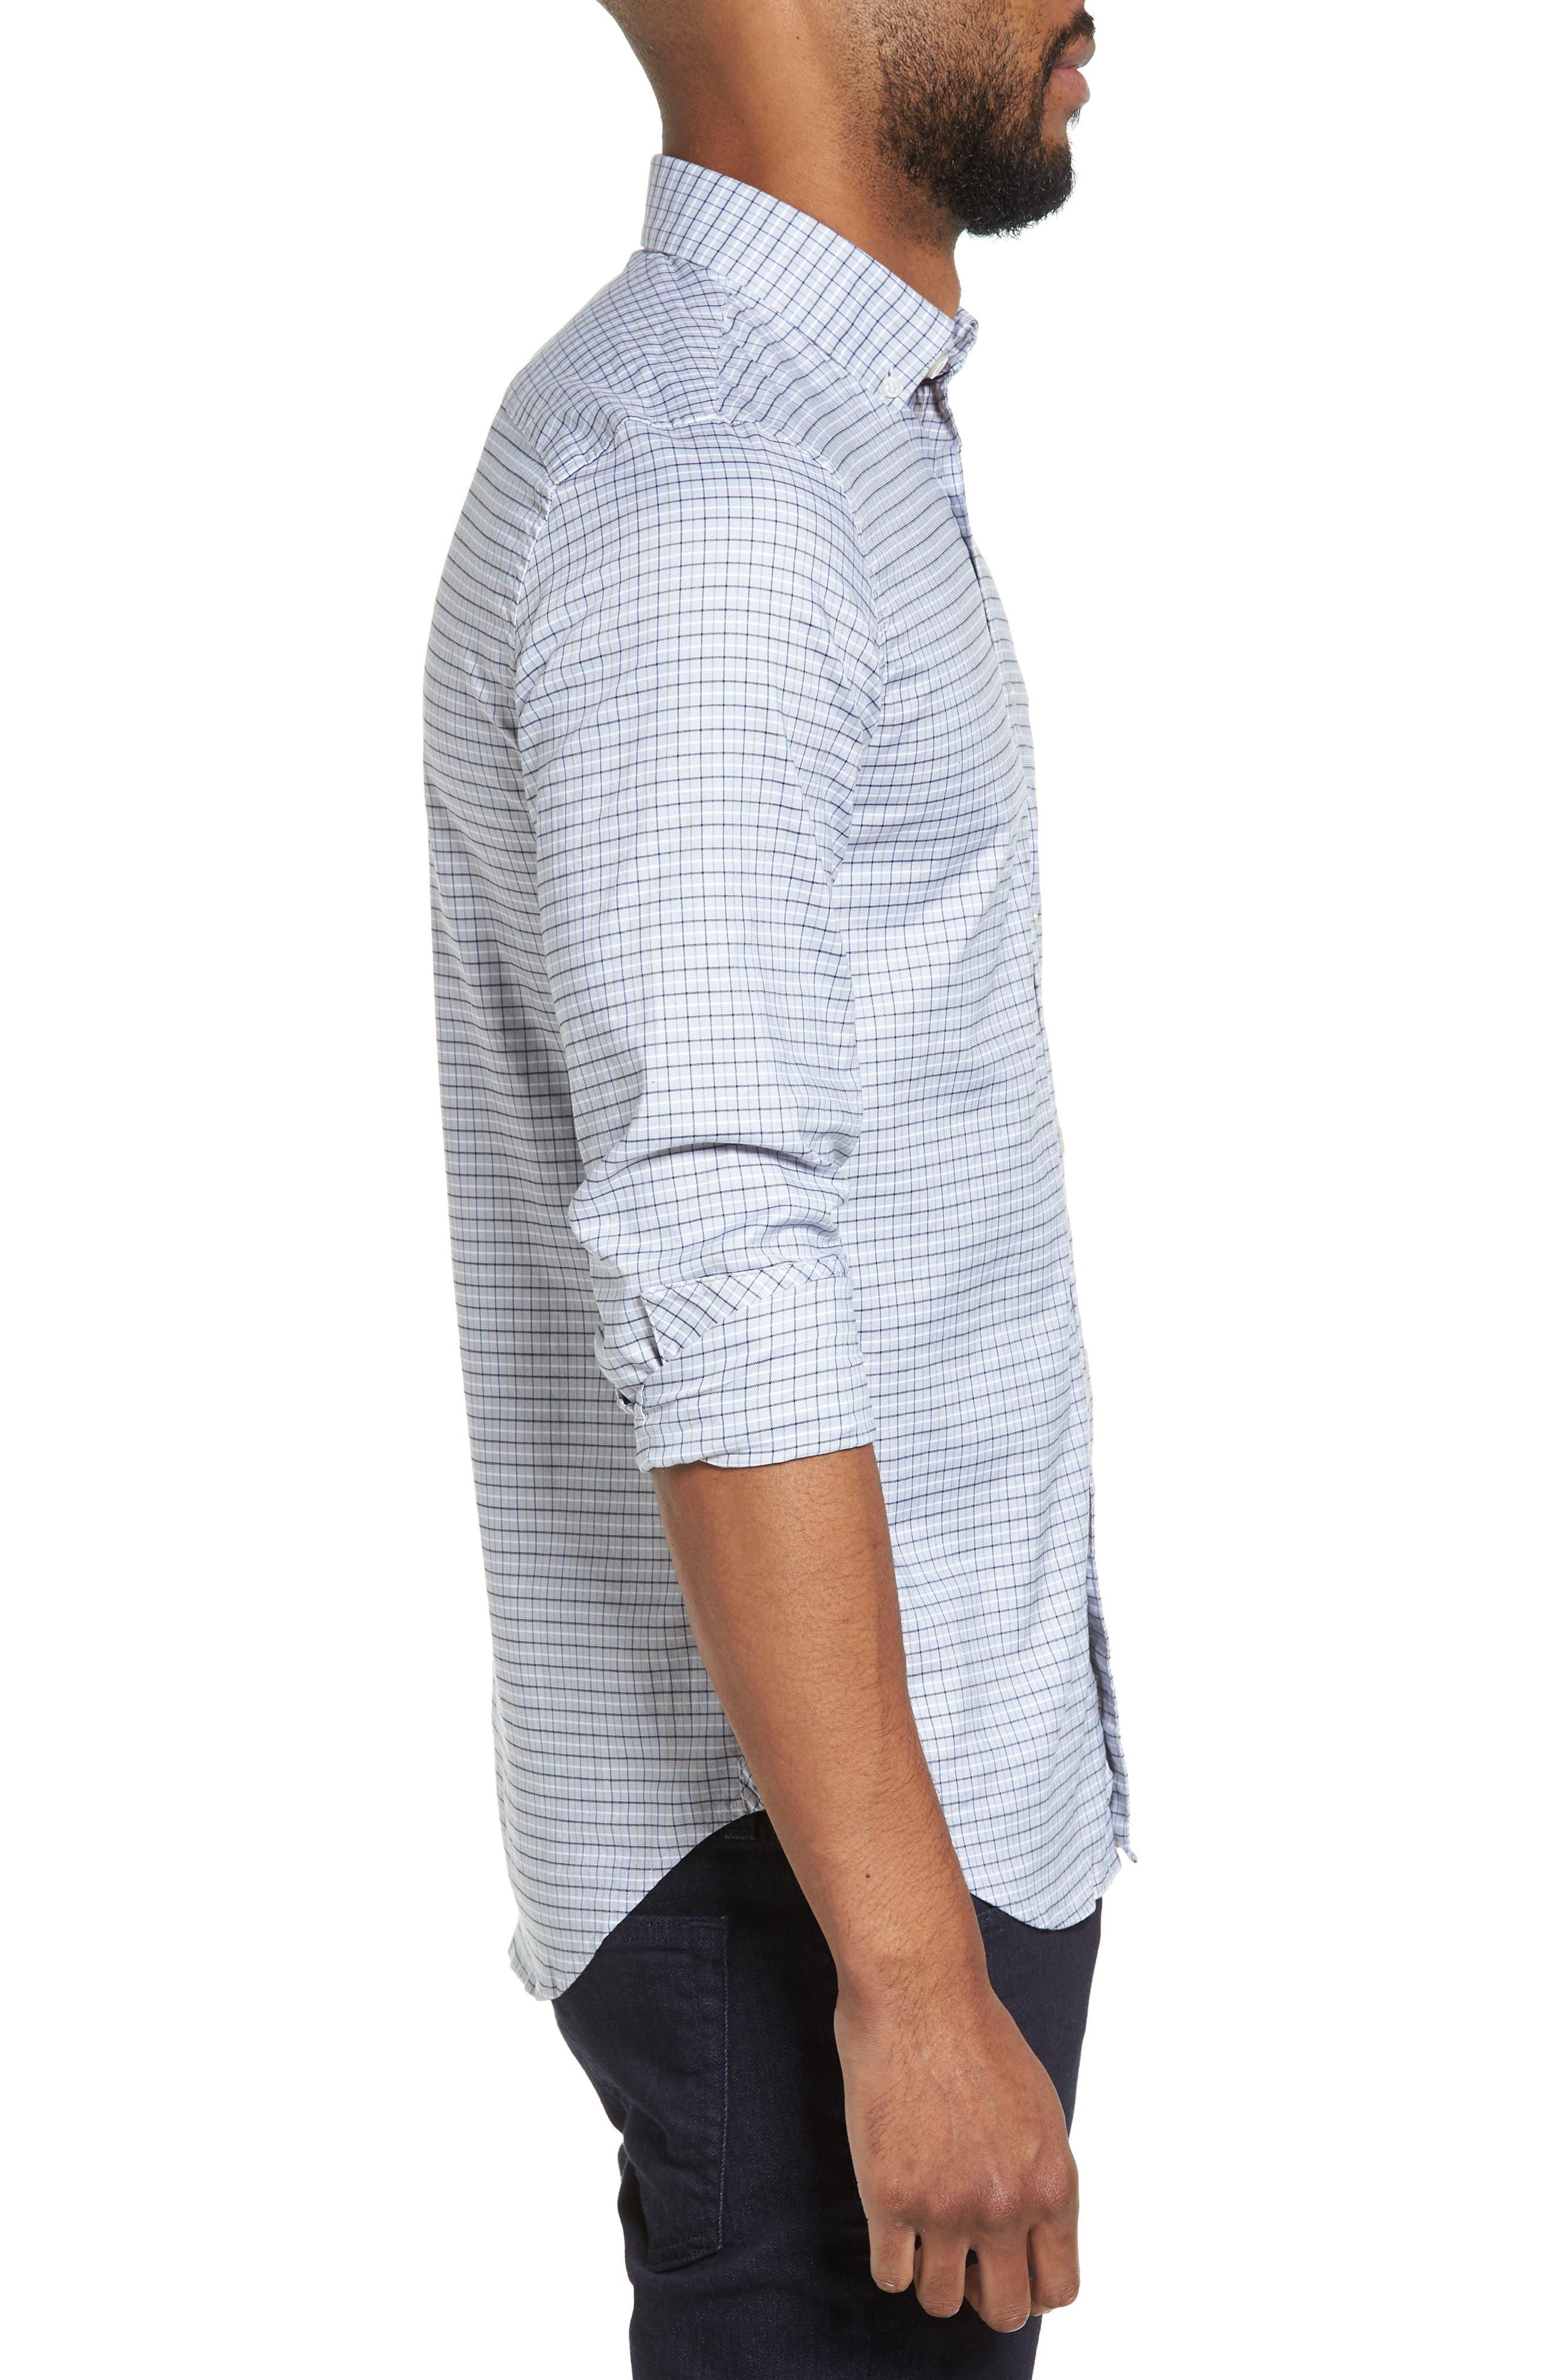 LACOSTE, Slim Fit Plaid Shirt, Alternate thumbnail 3, color, 061